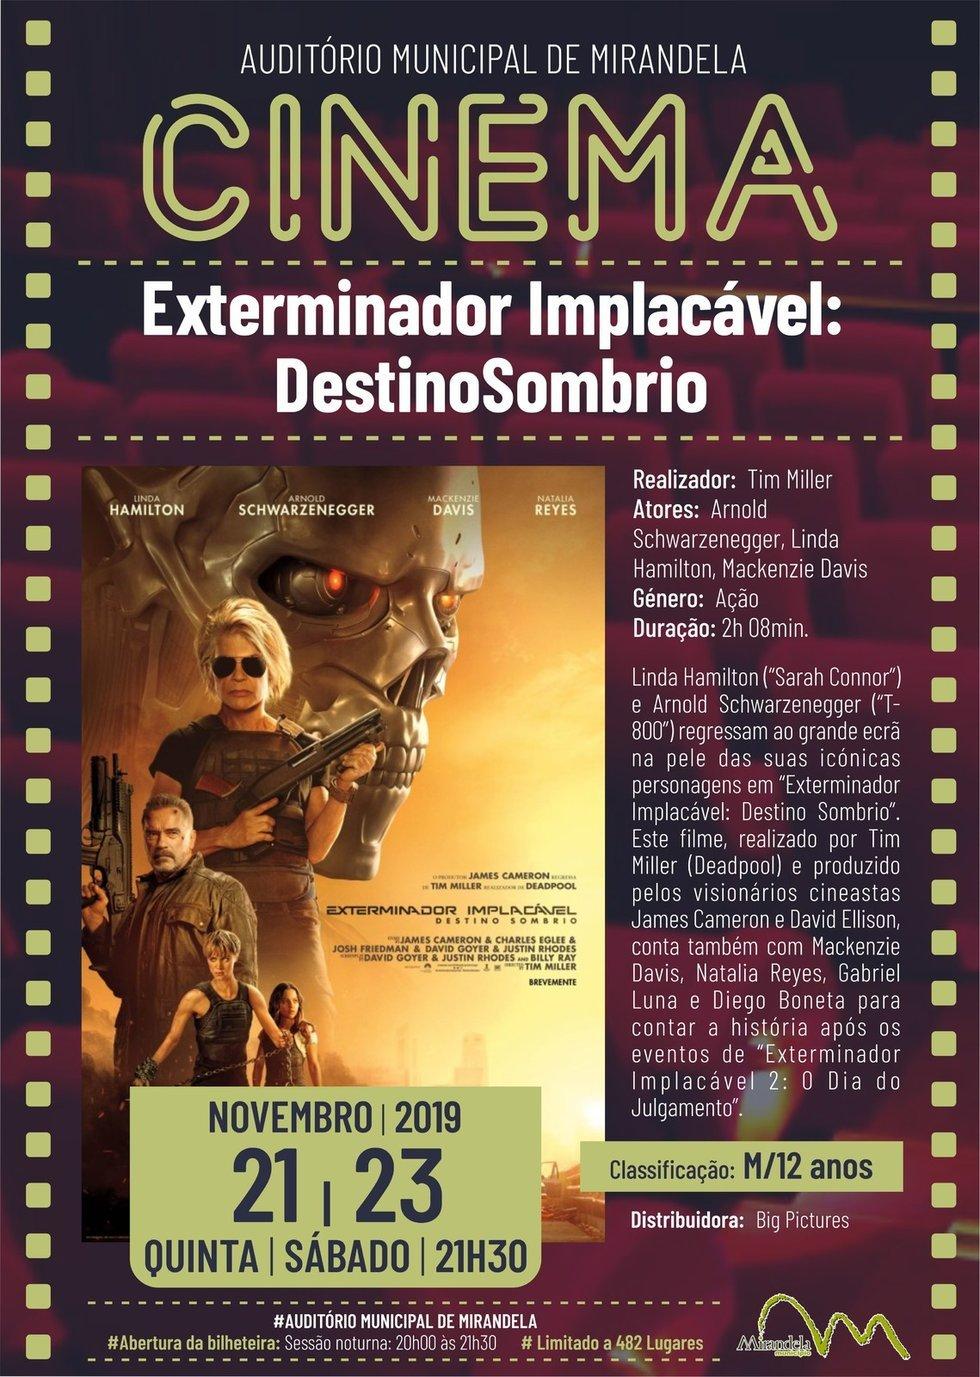 Cinema: Exterminador Implacável - Destino Sombrio